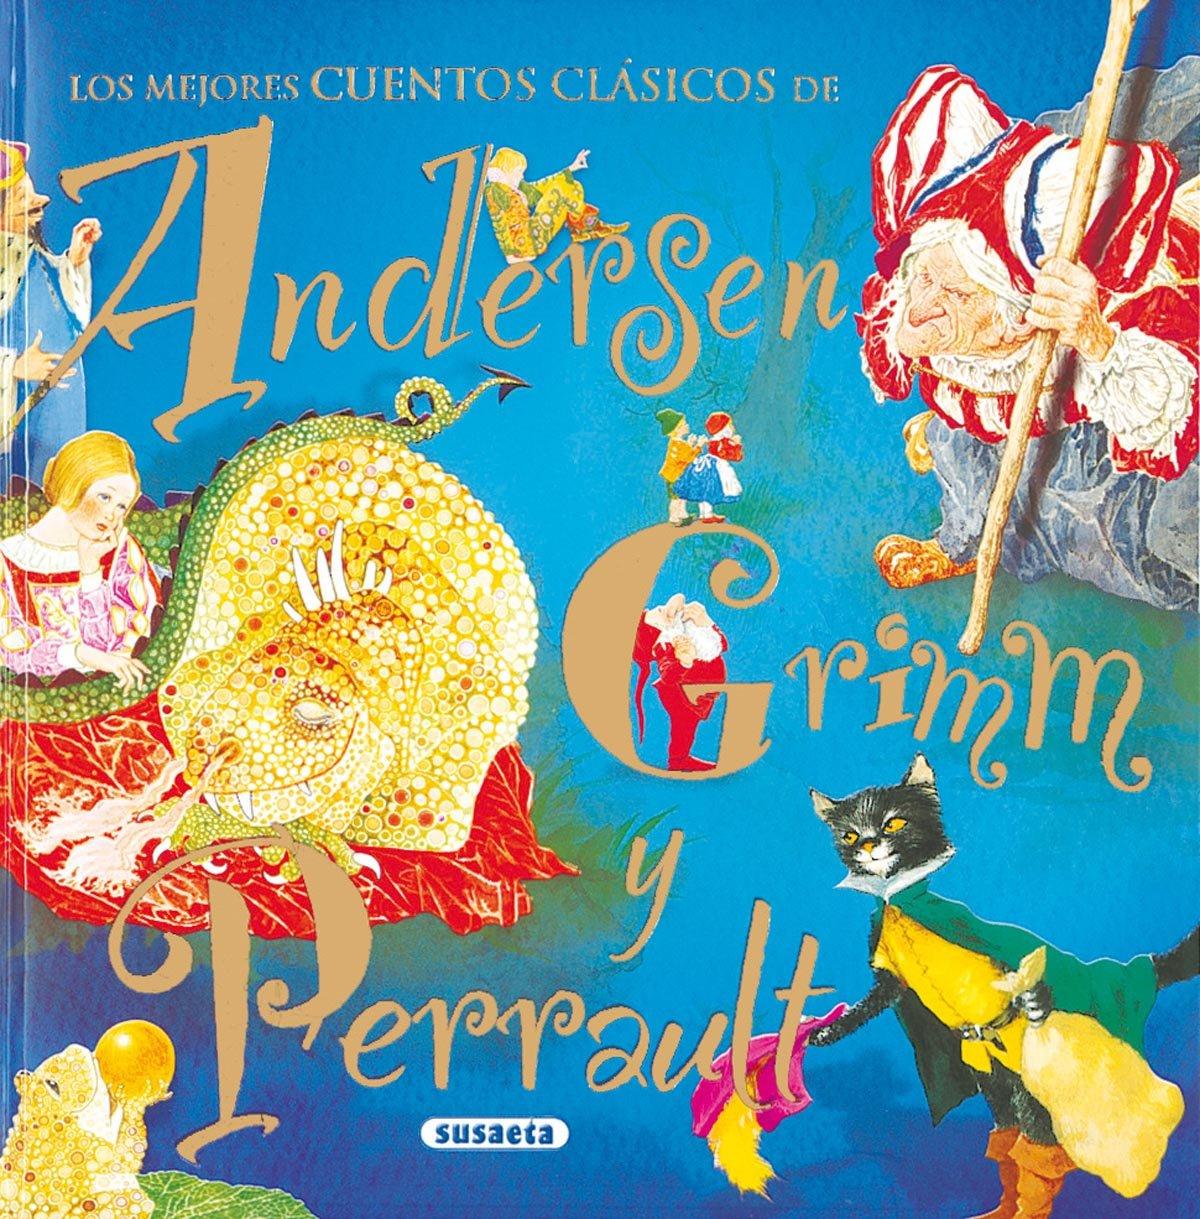 Los mejores cuentos clásicos de Andersen, Grimm y Perrault (Los Mejores Cuentos Andersen Grimm)